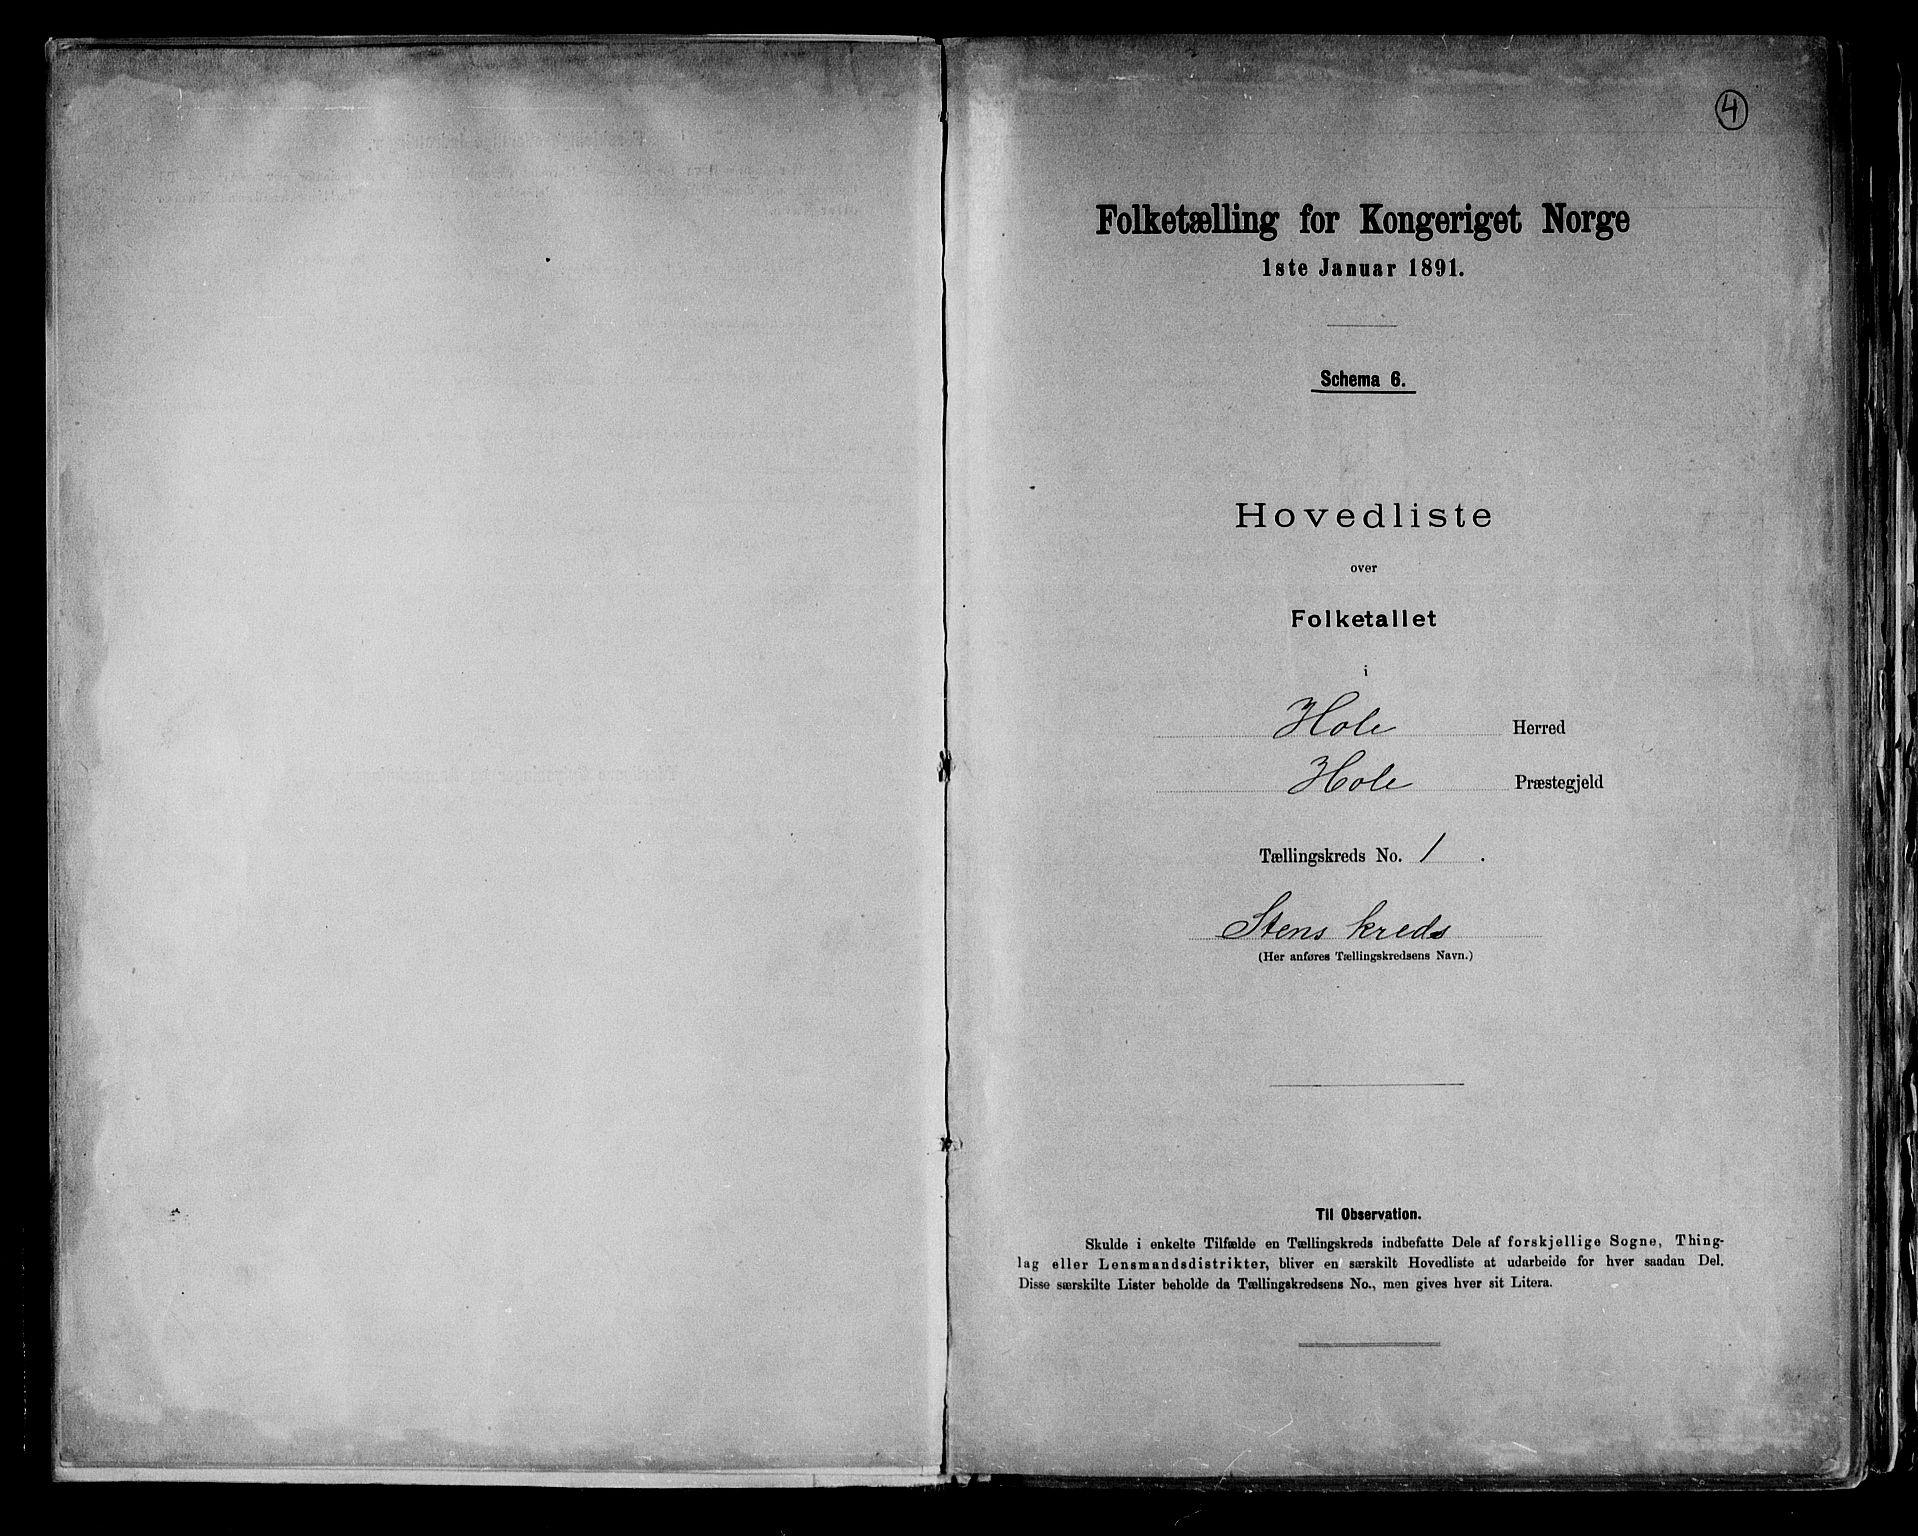 RA, Folketelling 1891 for 0612 Hole herred, 1891, s. 4